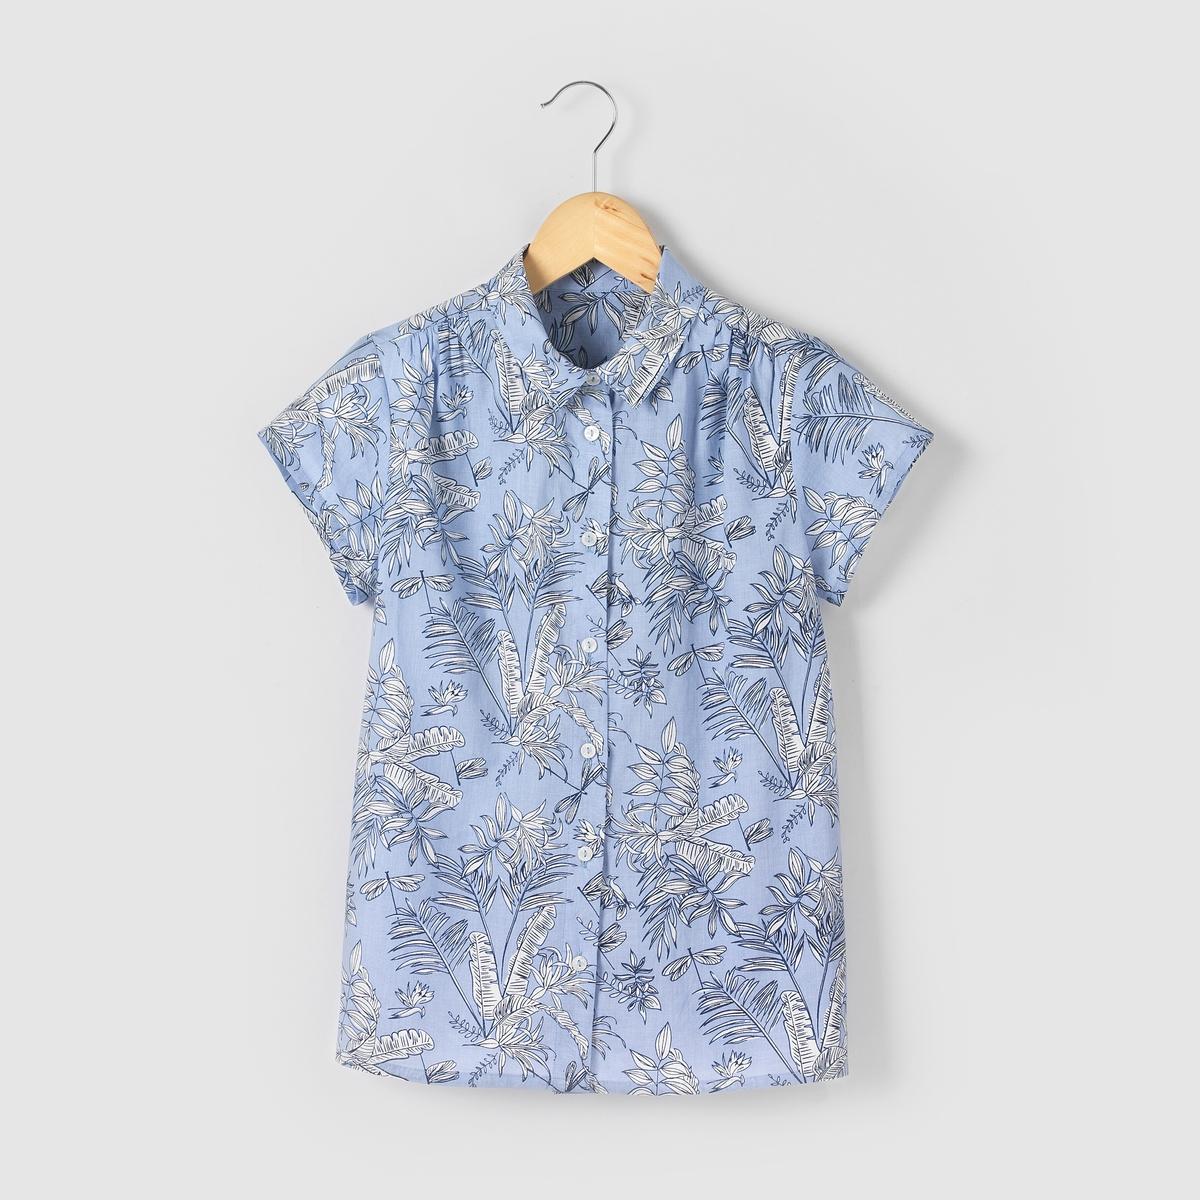 Рубашка с тропическим рисунком, 10-16 летМожно носить с завязкой спереди или без нее. Сборки на плечах. Короткие рукава.    Застежка на пуговицы. Состав и описаниеМатериал       100% хлопкаУХОДСтирать и гладить с изнаночной стороныМашинная стирка при 30°C, с вещами подобных цветовМашинная сушка в умеренном режимеГладить при умеренной температуре.<br><br>Цвет: рисунок тропики<br>Размер: 12 лет -150 см.14 лет